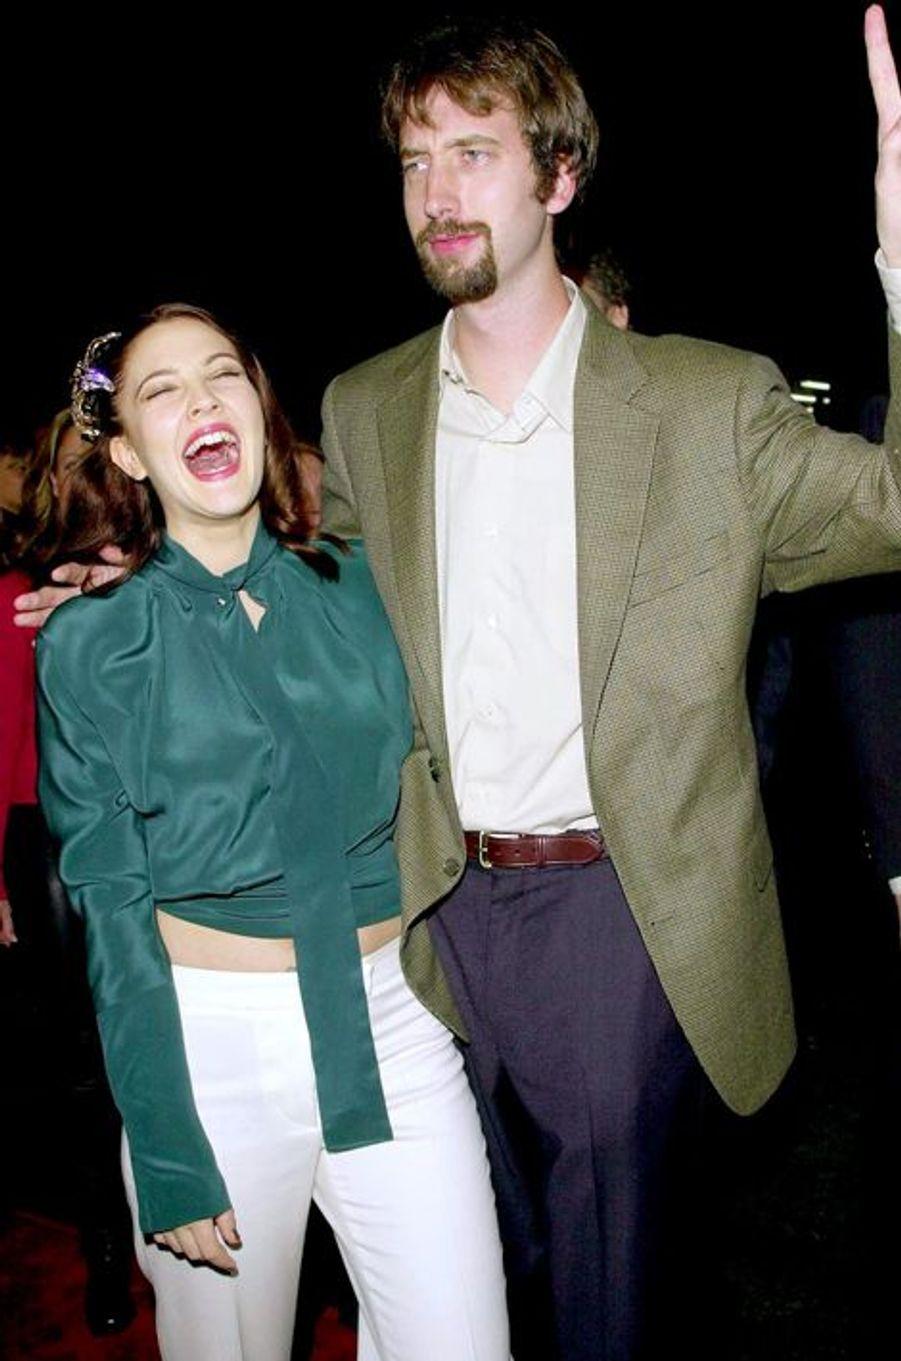 En 2001, Drew Barrymore est seulement âgée de 26 ans lorsqu'elle décide d'épouser le comédien Tom Green - rencontré sur le tournage de «Charlie et ses drôles de dames» - après quelques mois de relation. Une union qui a fait «plouf» : mariés en juillet, le couple se sépare en octobre de la même année.